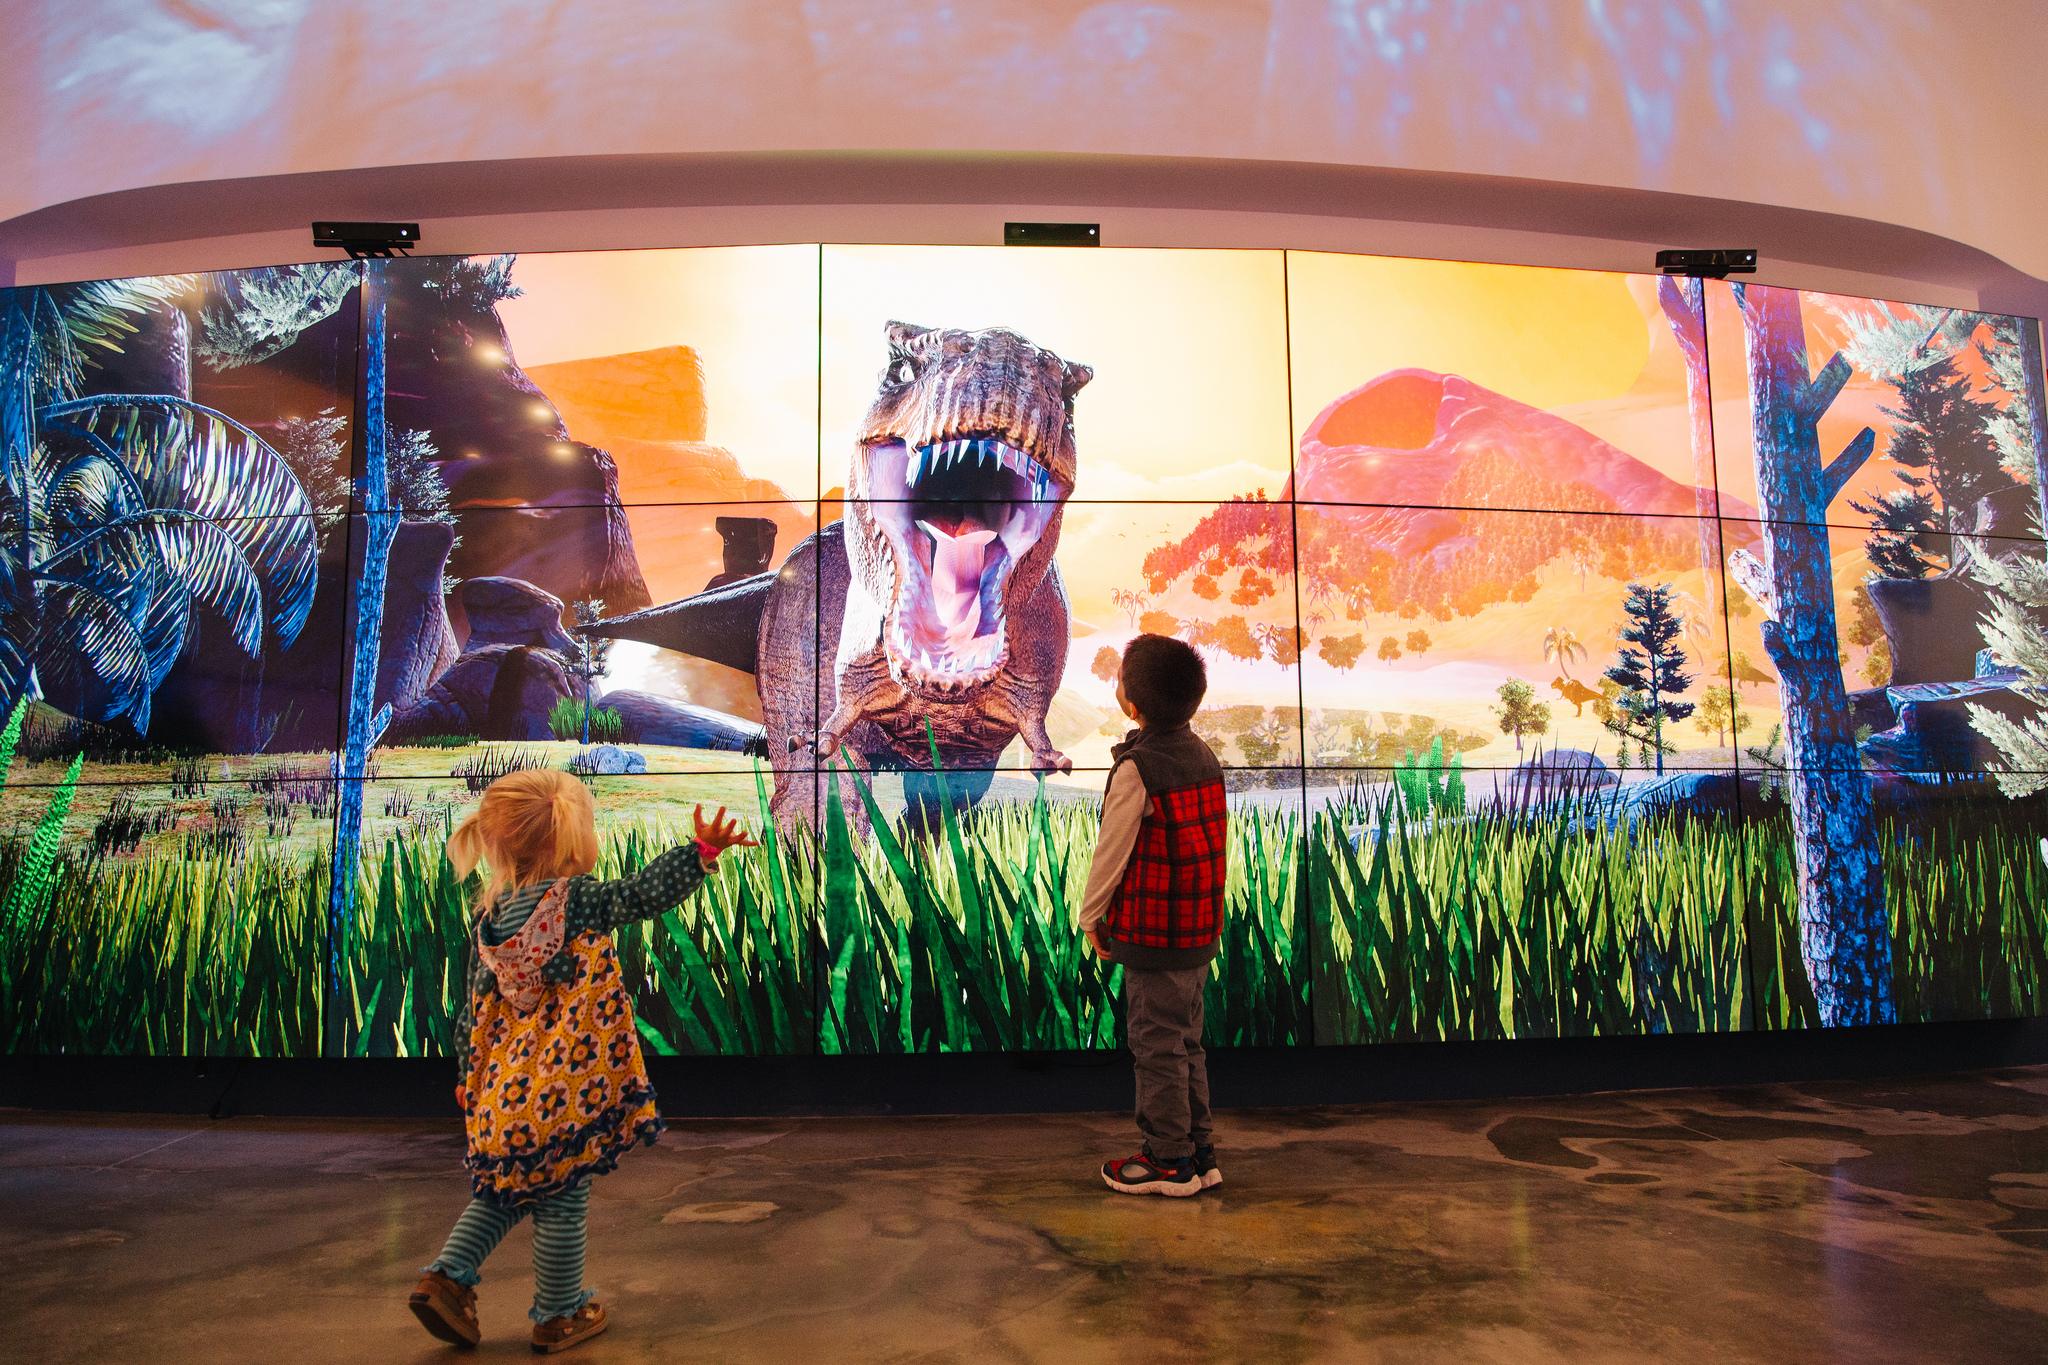 mur images 5x3 musée enfants